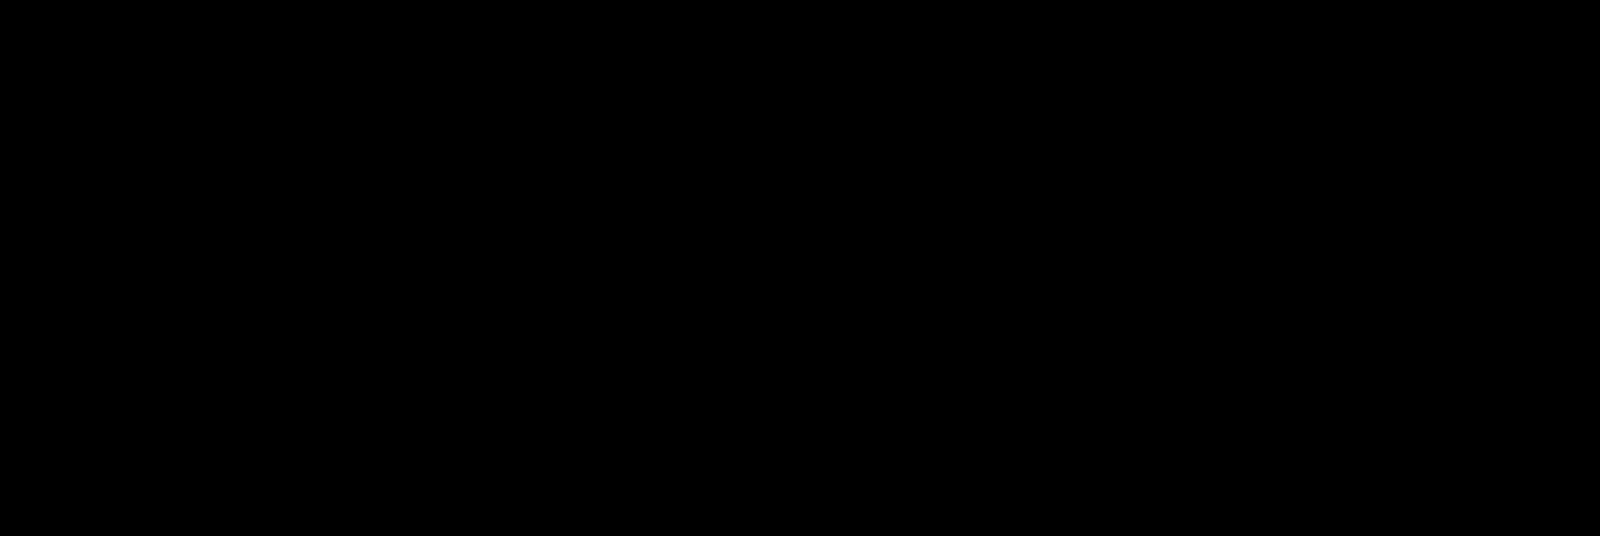 次は、ナオト・インティライミのロゴ作ります。